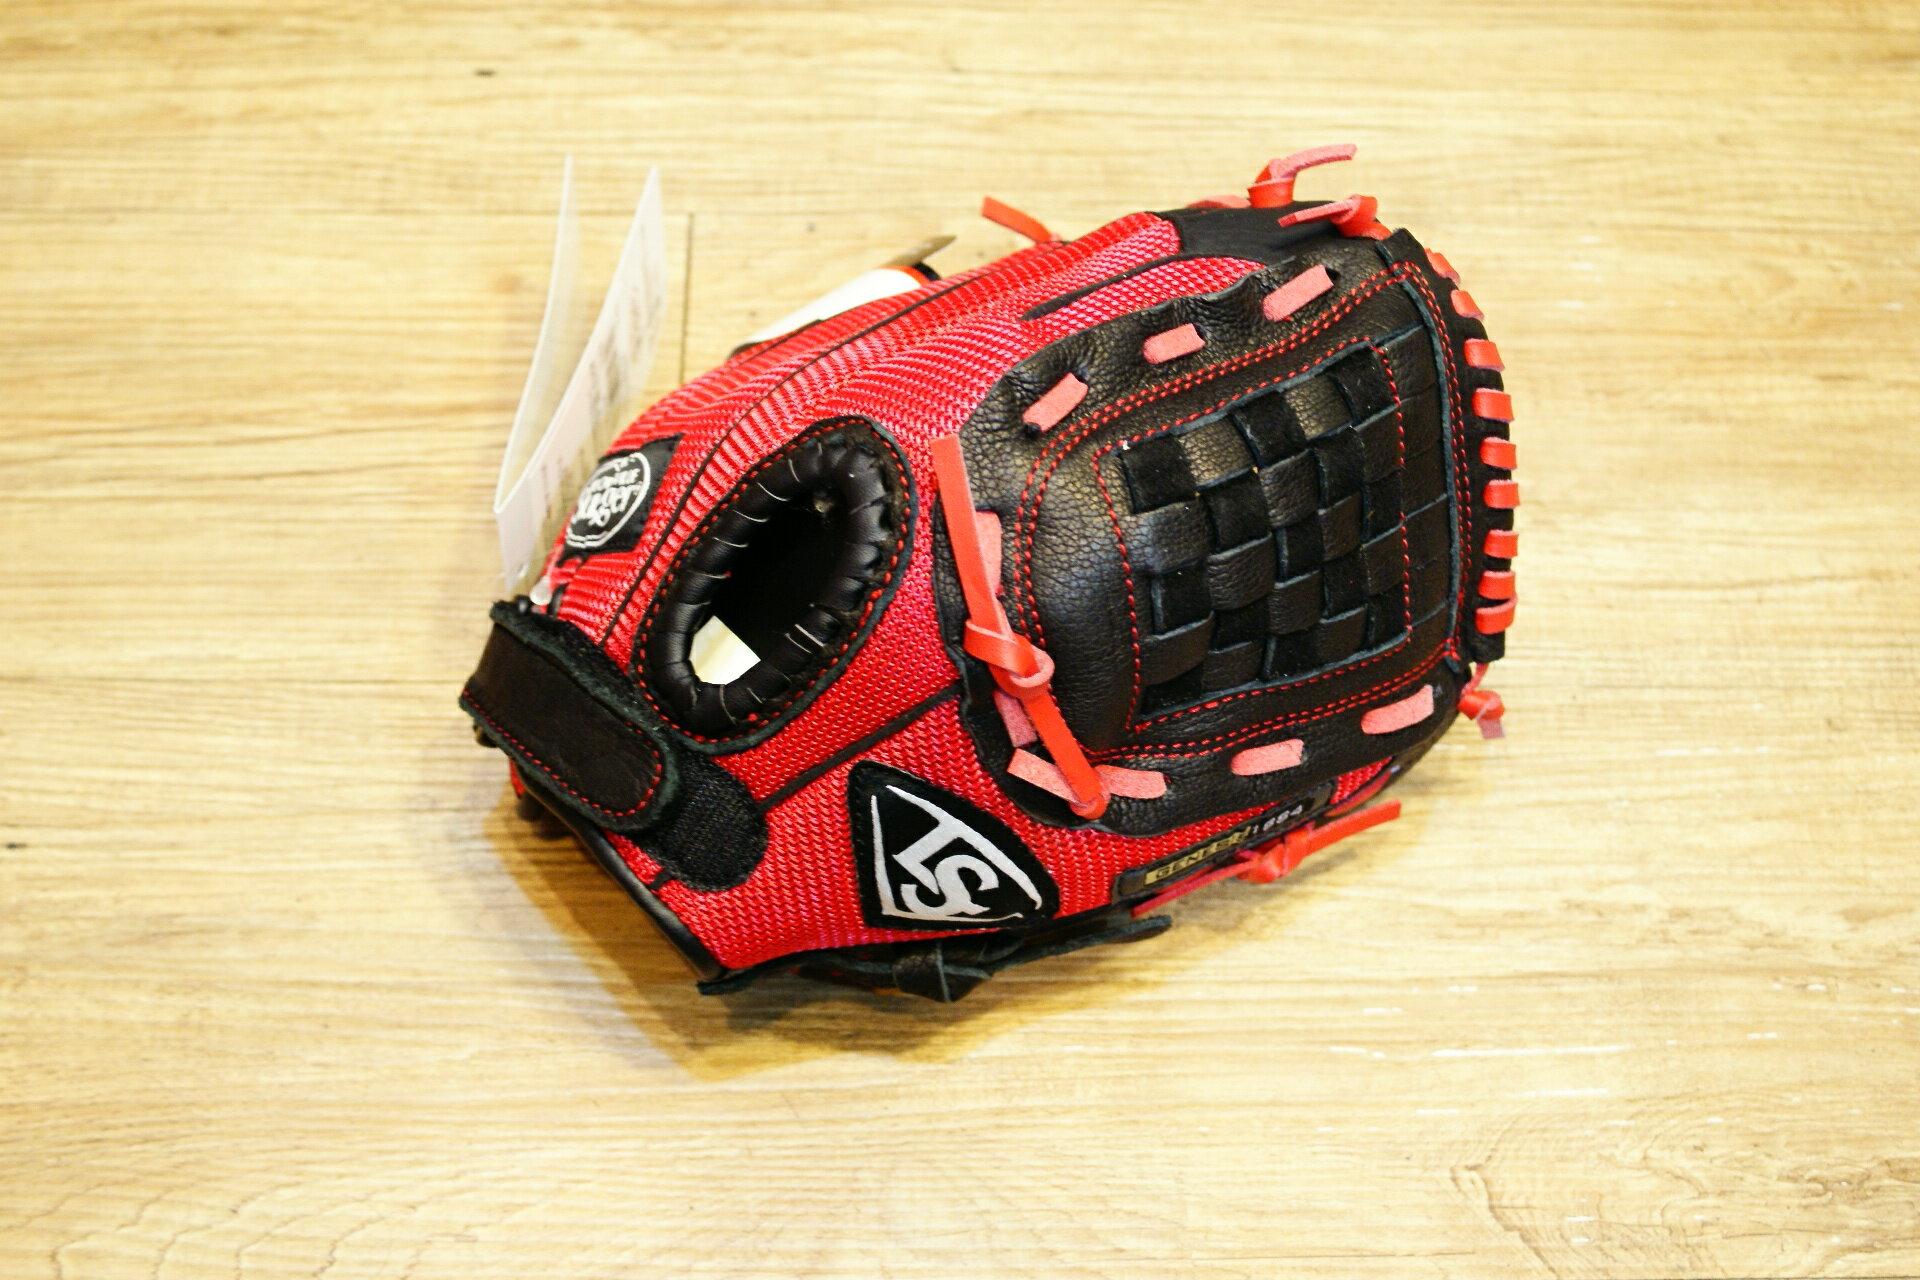 棒球世界 Louisville Slugger 路易斯威爾 genesis10.5吋兒童手套特價 黑紅配色